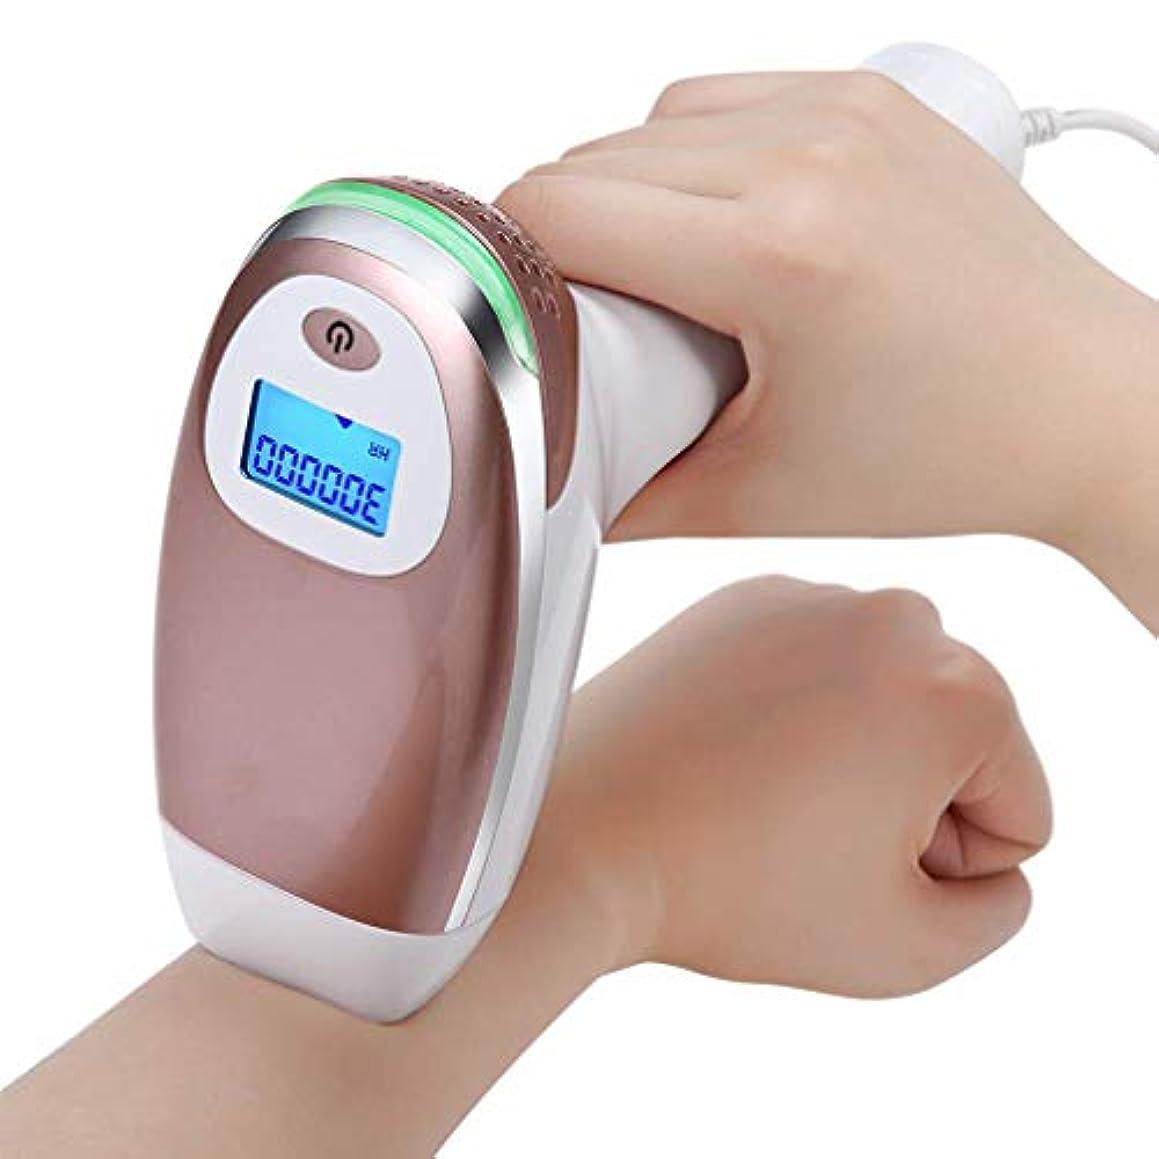 信頼無実セマフォ痛みのないレーザー脱毛装置 - 体、顔、脇の下、ビキニラインのためのLCDスクリーン付きIPL脱毛システム